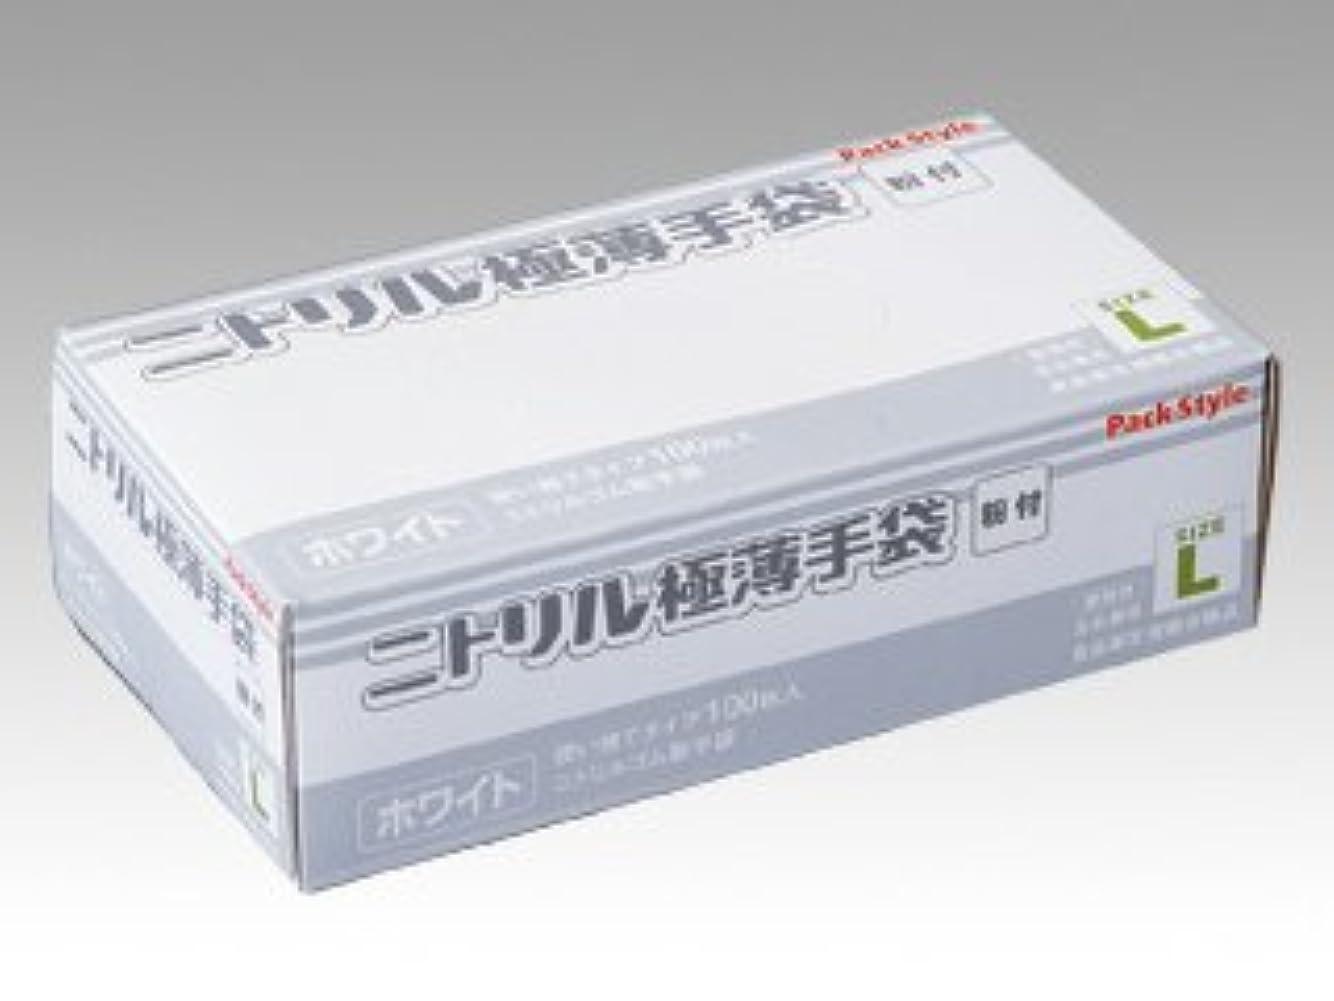 美人脅かすダイヤル【PackStyle】ニトリル手袋 粉付 白 L